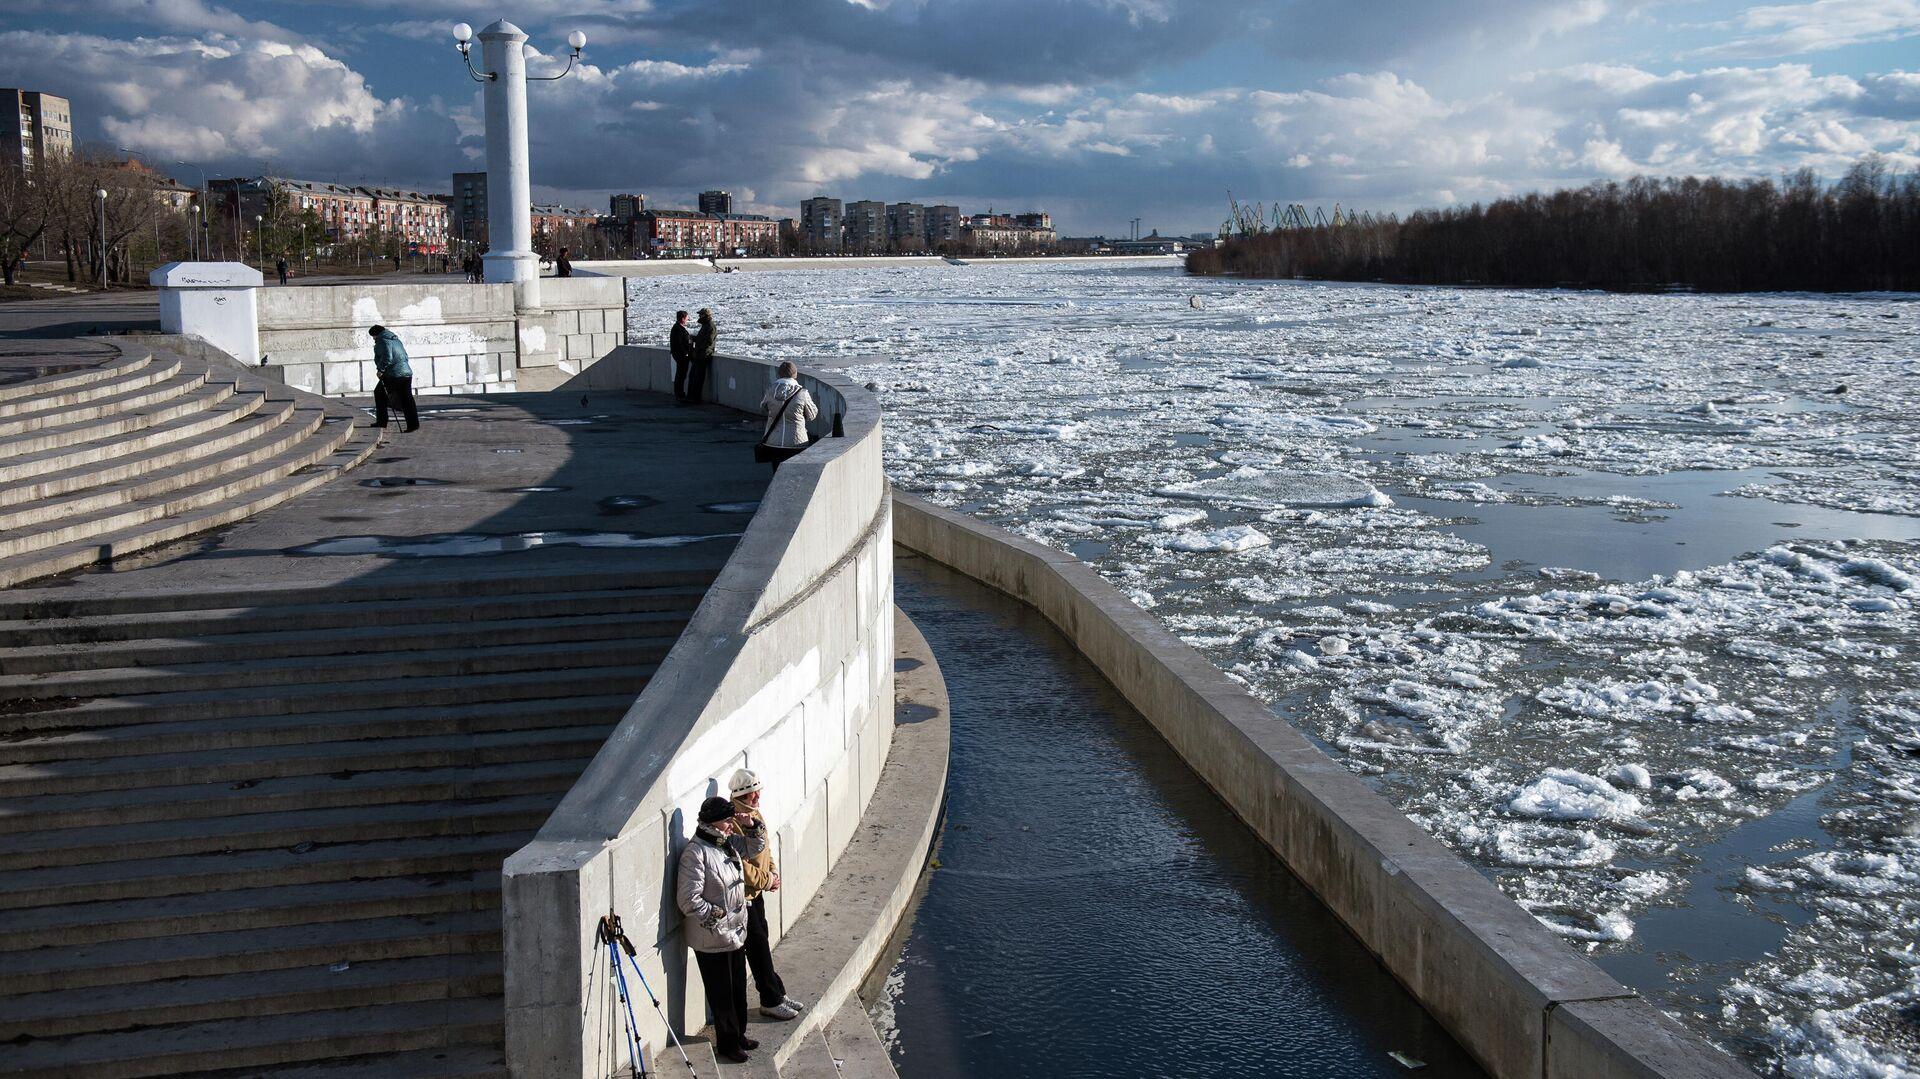 Прохожие на набережной во время ледохода на реке Иртыш в Омске - РИА Новости, 1920, 07.04.2021